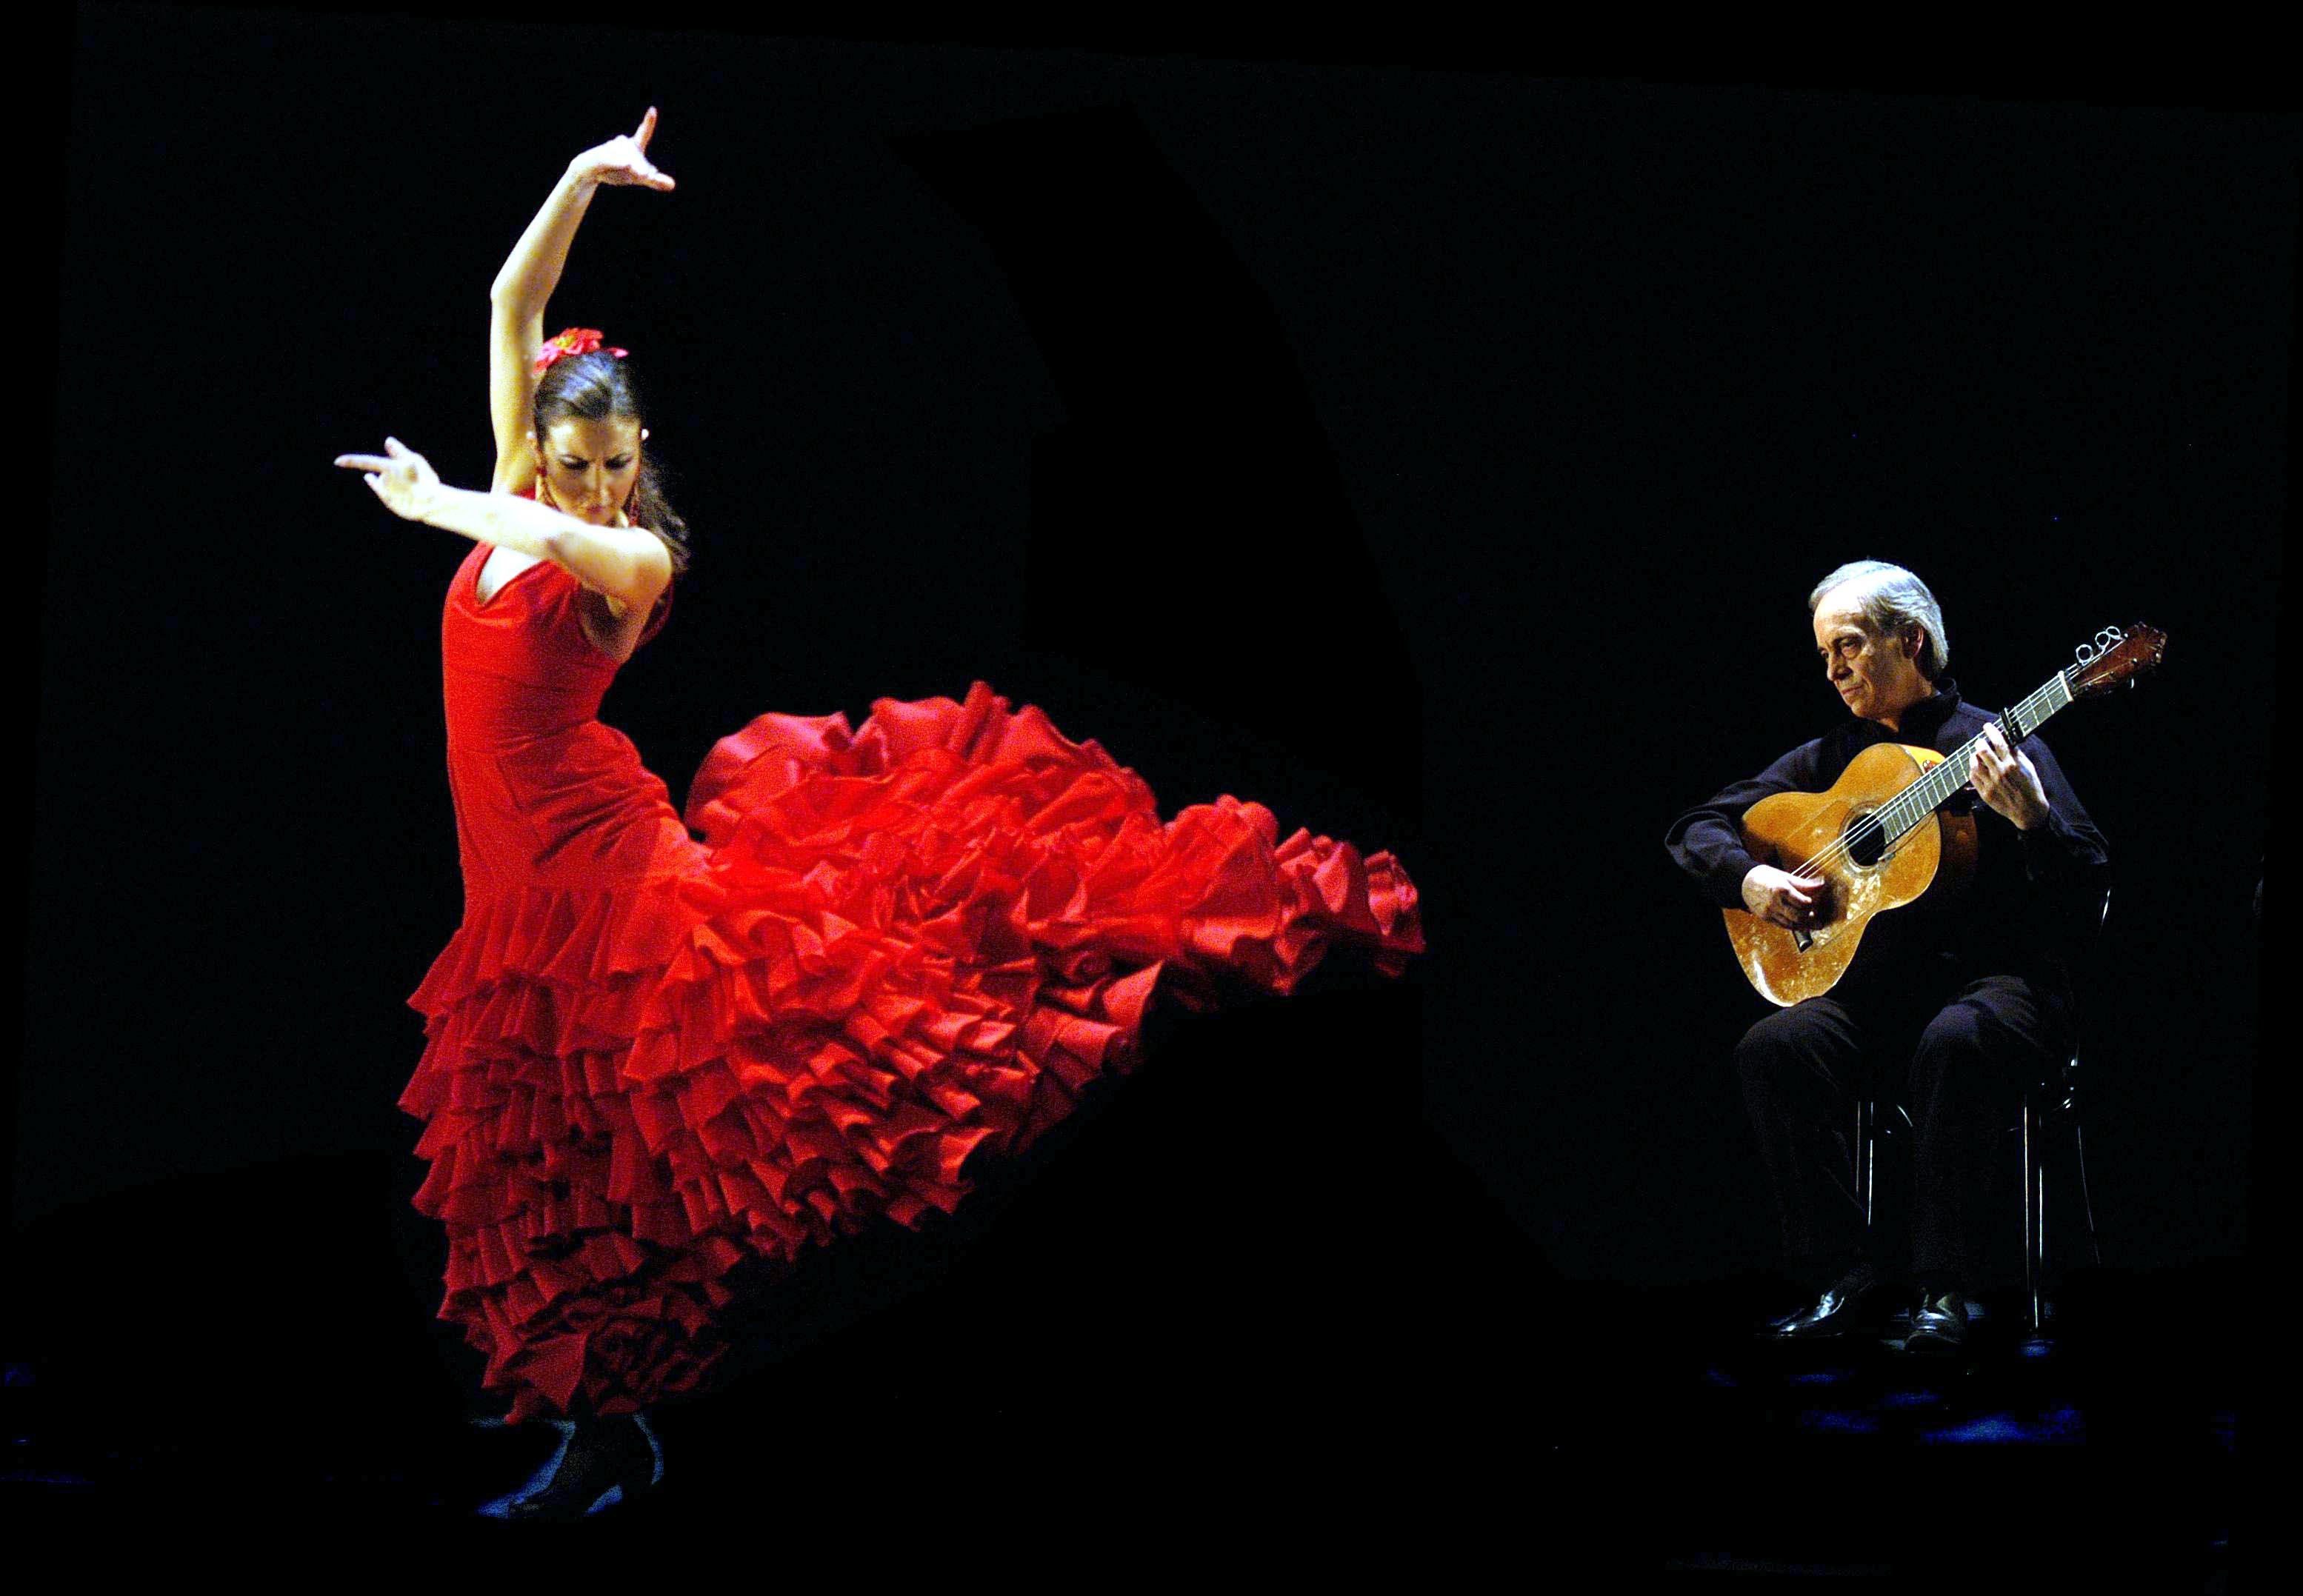 3c21d52fed9 Paco Peña s adventurous flamenco